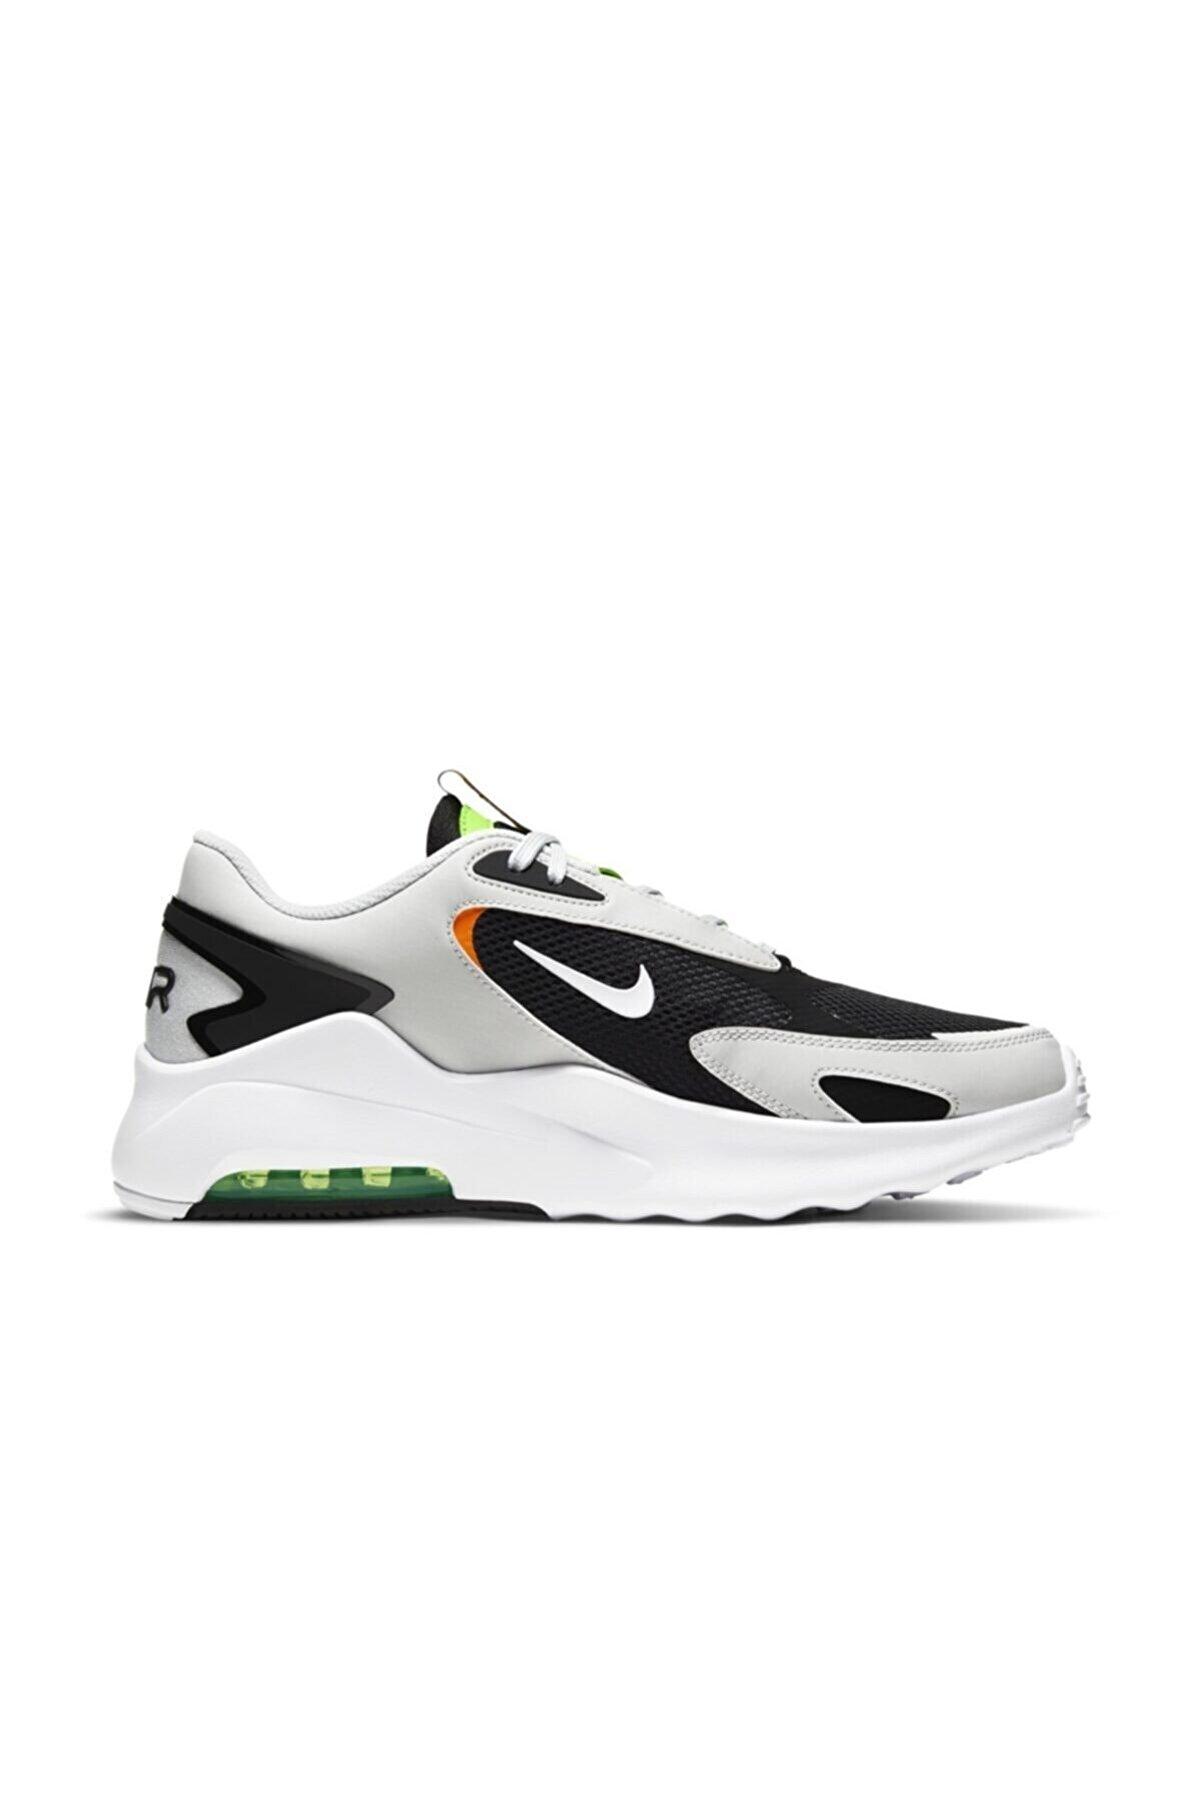 Nike Aır Max Bolt Erkek Spor Ayakkabısı